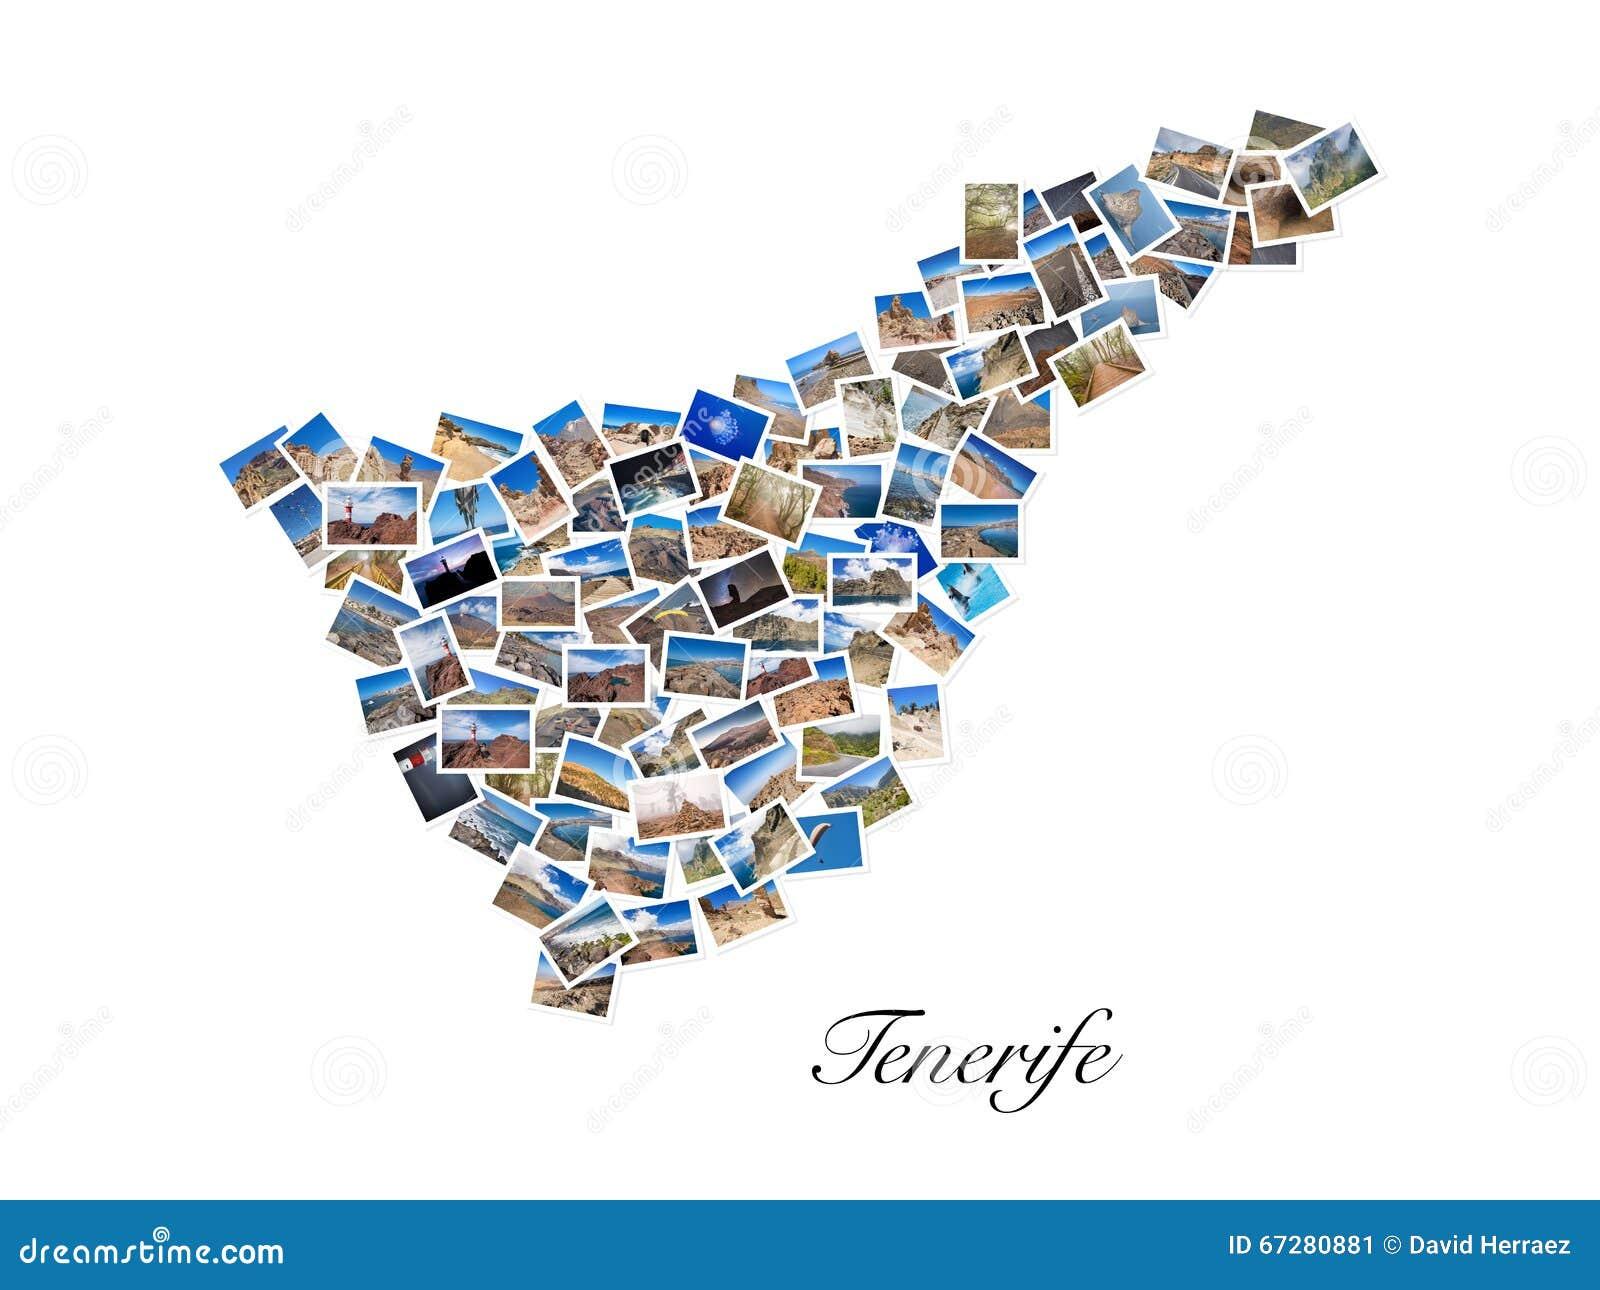 Eine Collage Meiner Besten Reisefotos Von Teneriffa, Die Form Von ...